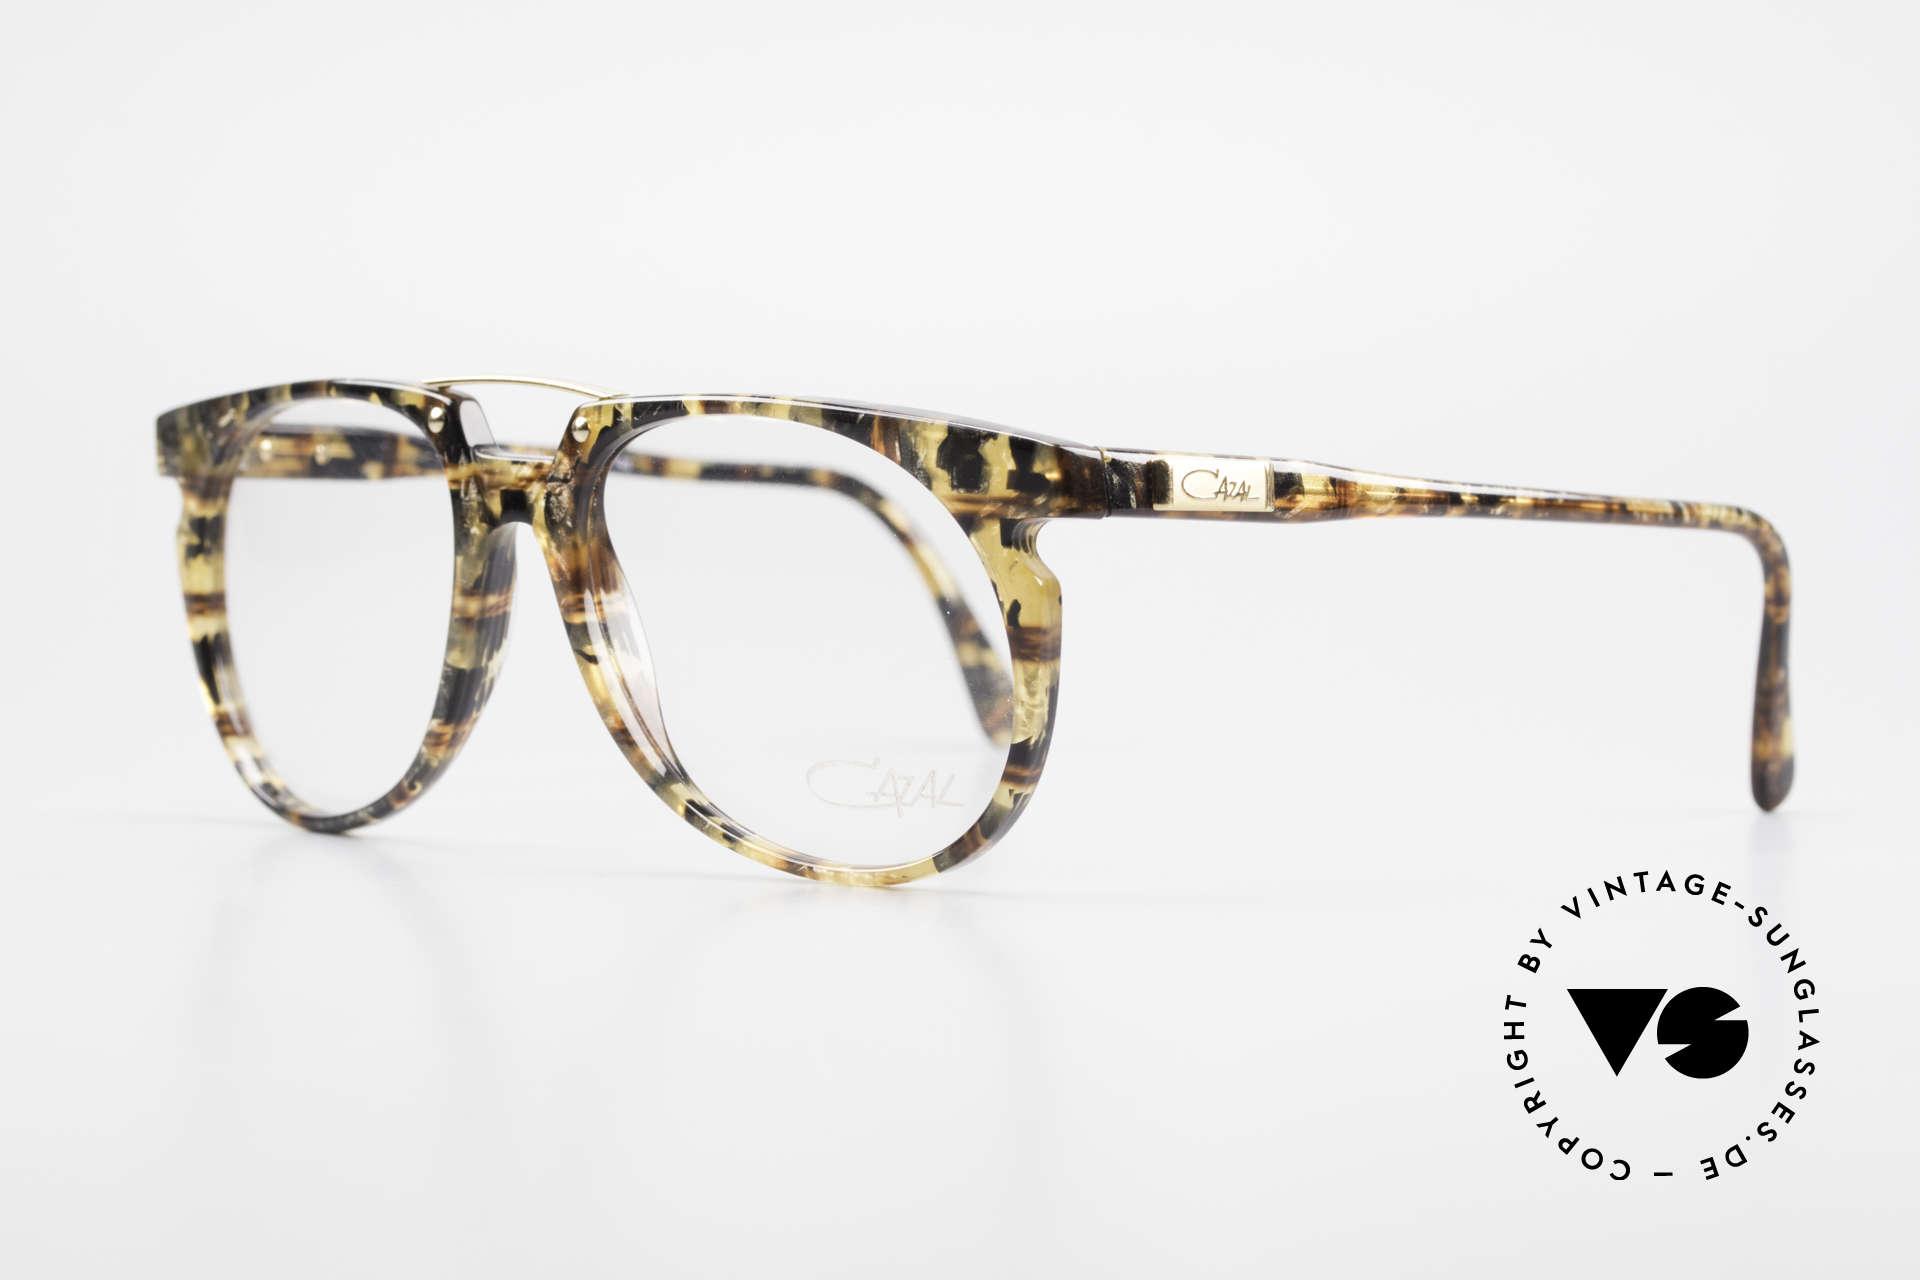 Cazal 645 Außergewöhnliche Vintage Brille, tolle Rahmen-Kolorierung in einer Art bernstein-gold, Passend für Herren